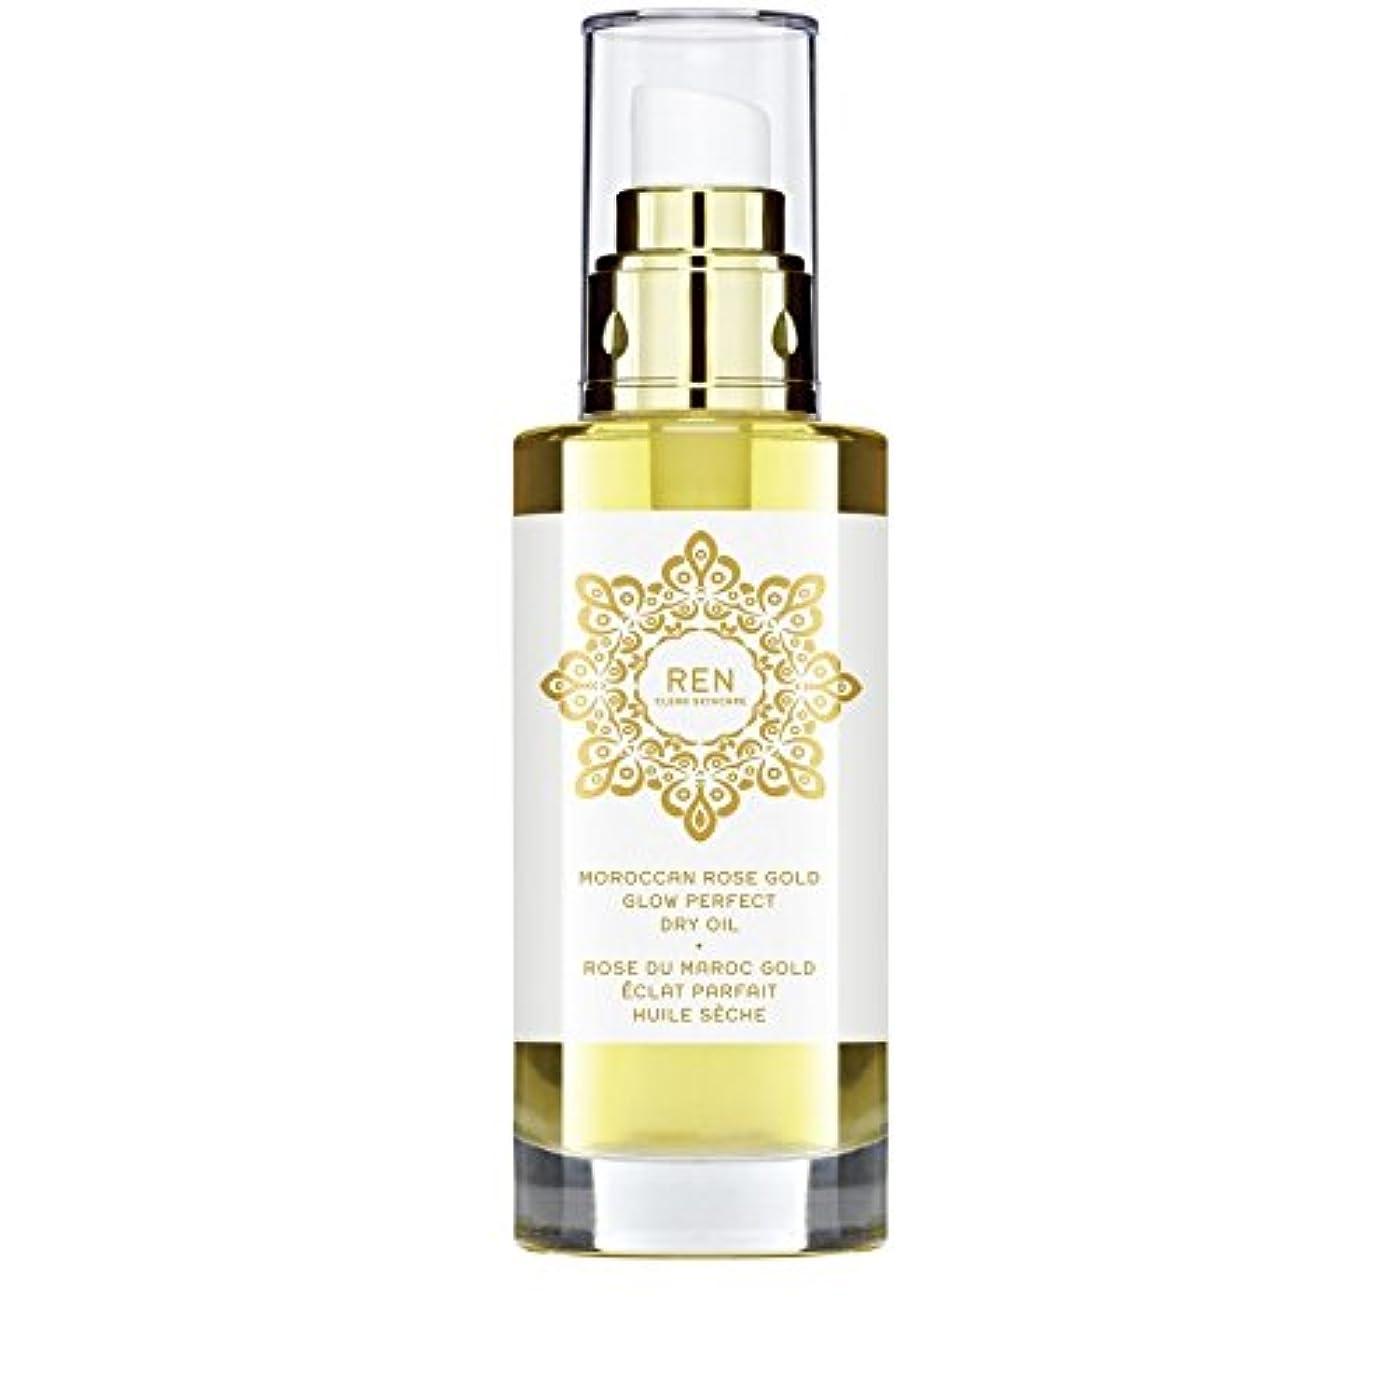 仲間いらいらさせる拍手モロッコは金が完璧なドライオイル100ミリリットルグローバラ x4 - REN Moroccan Rose Gold Glow Perfect Dry Oil 100ml (Pack of 4) [並行輸入品]